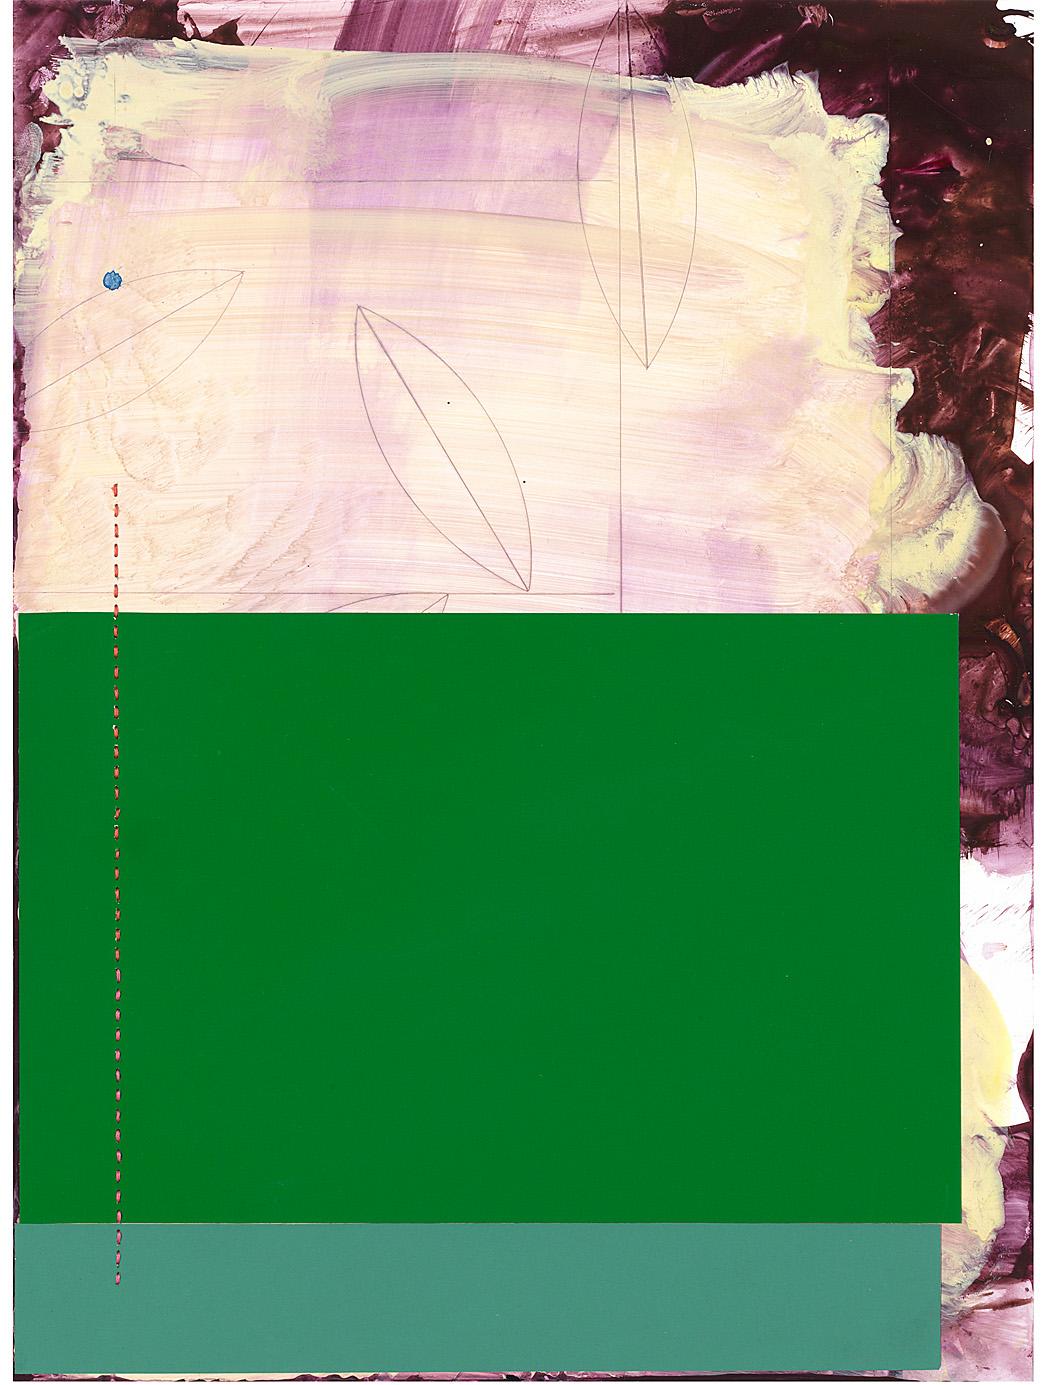 Dan Devening, paperwork, 24 x 25 cm,0.T.